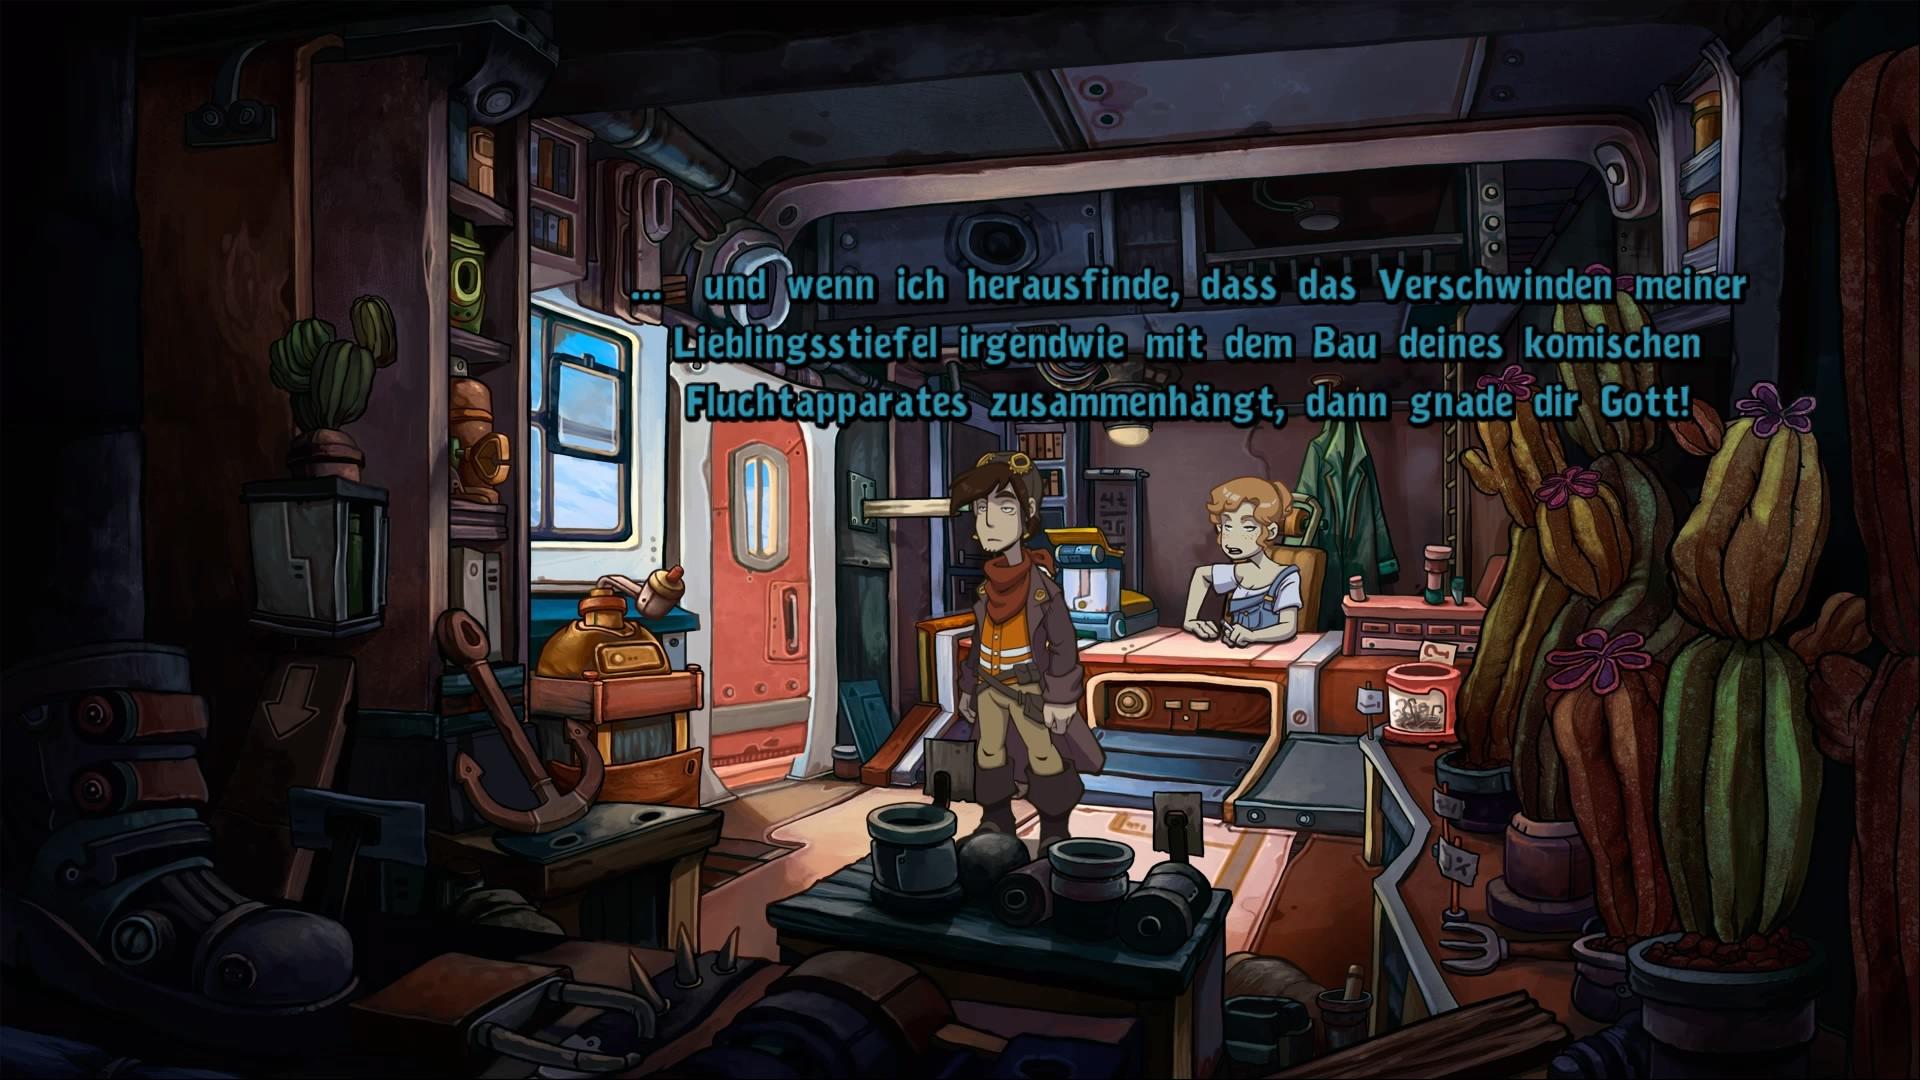 Auch auf der Konsole ist Toni nicht gut auf Rufus zu sprechen. Quelle: Screenshot Deponia